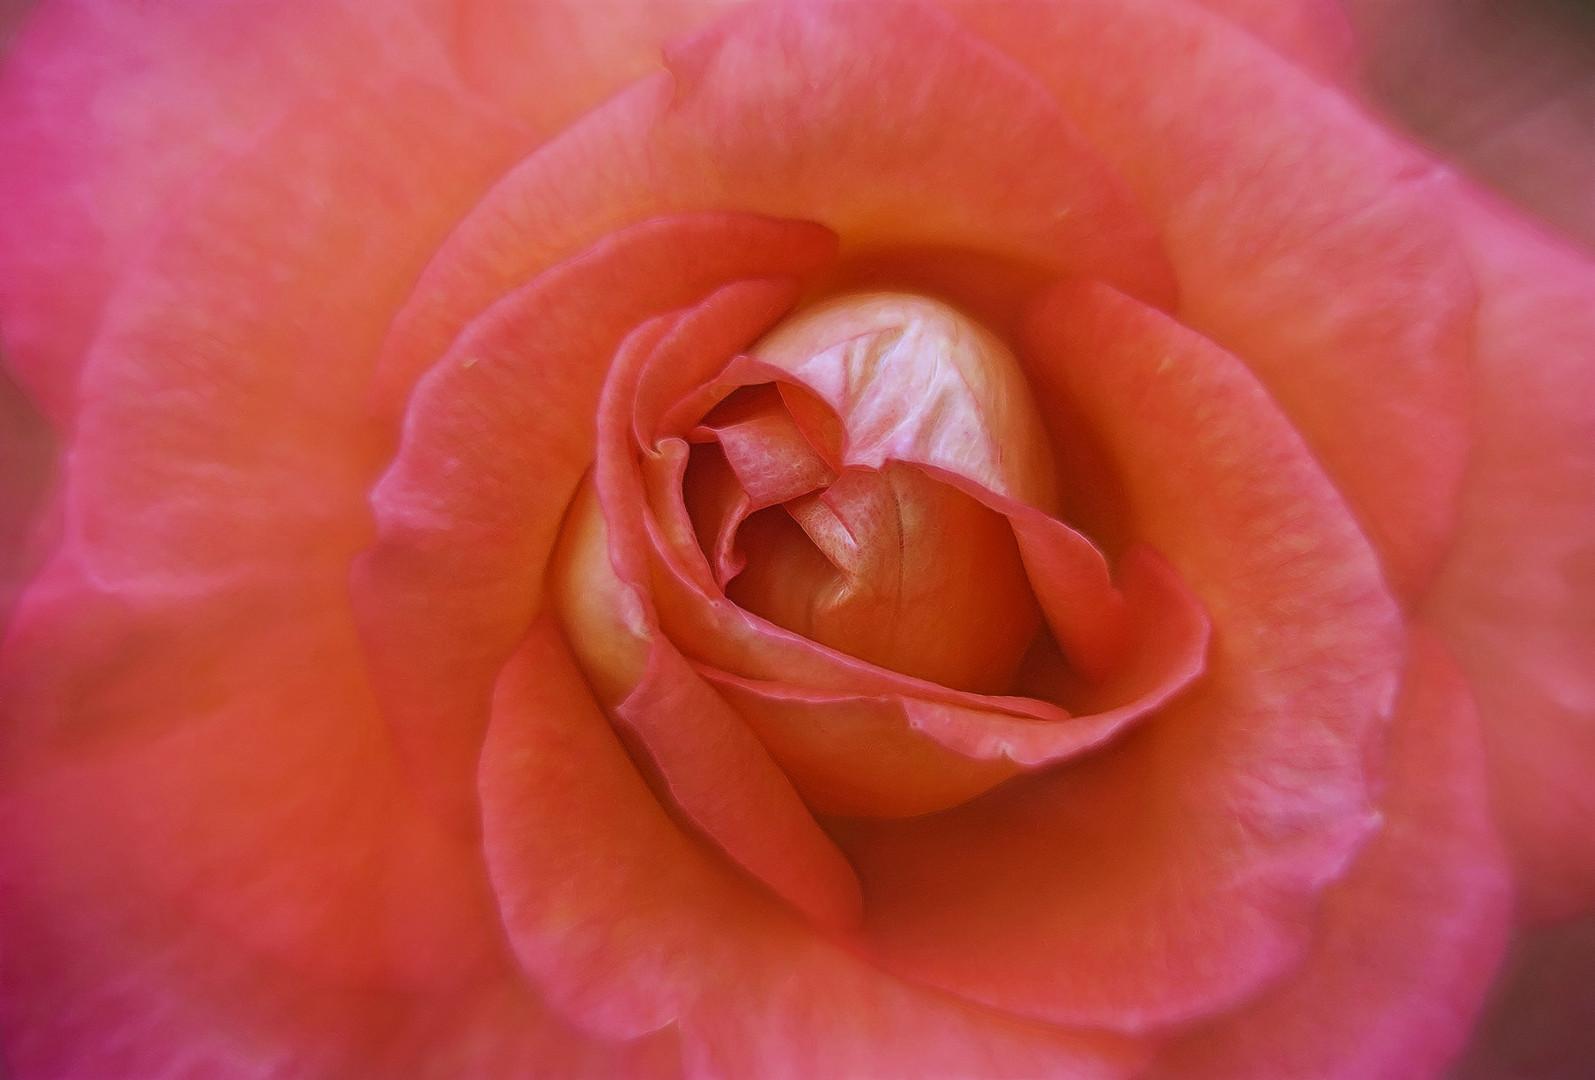 eine duftende rote rose ...